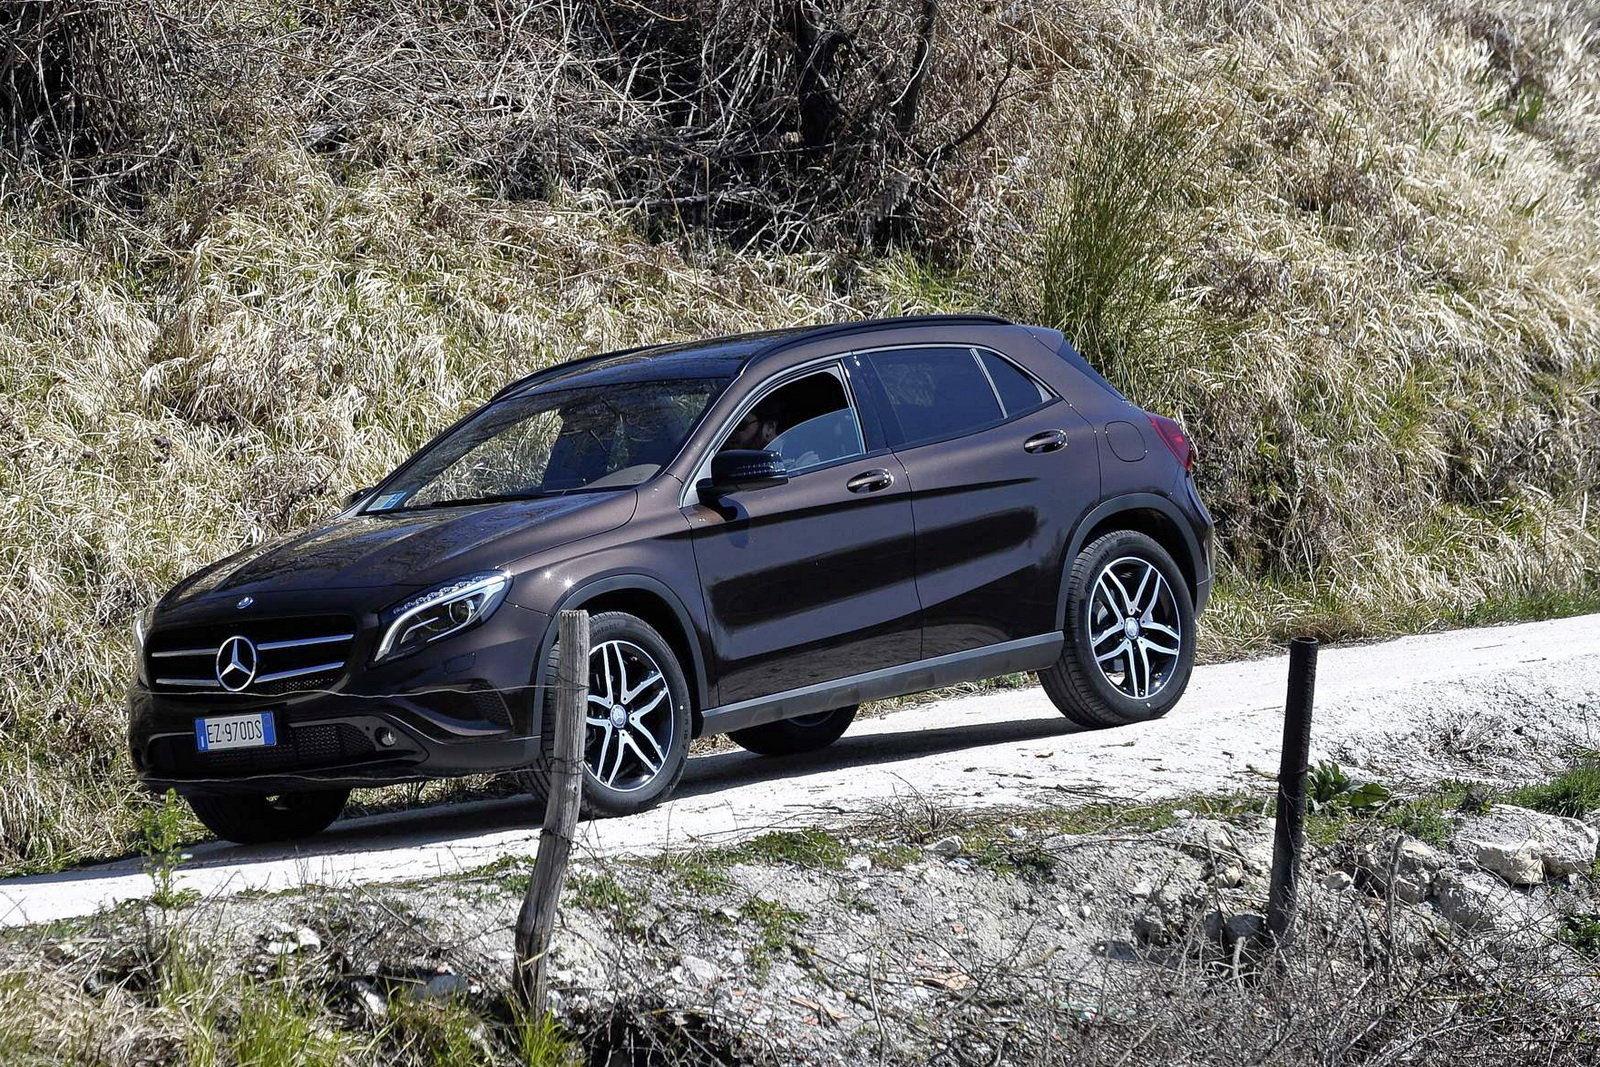 Nuova Mercedes GLA Enduro prezzo